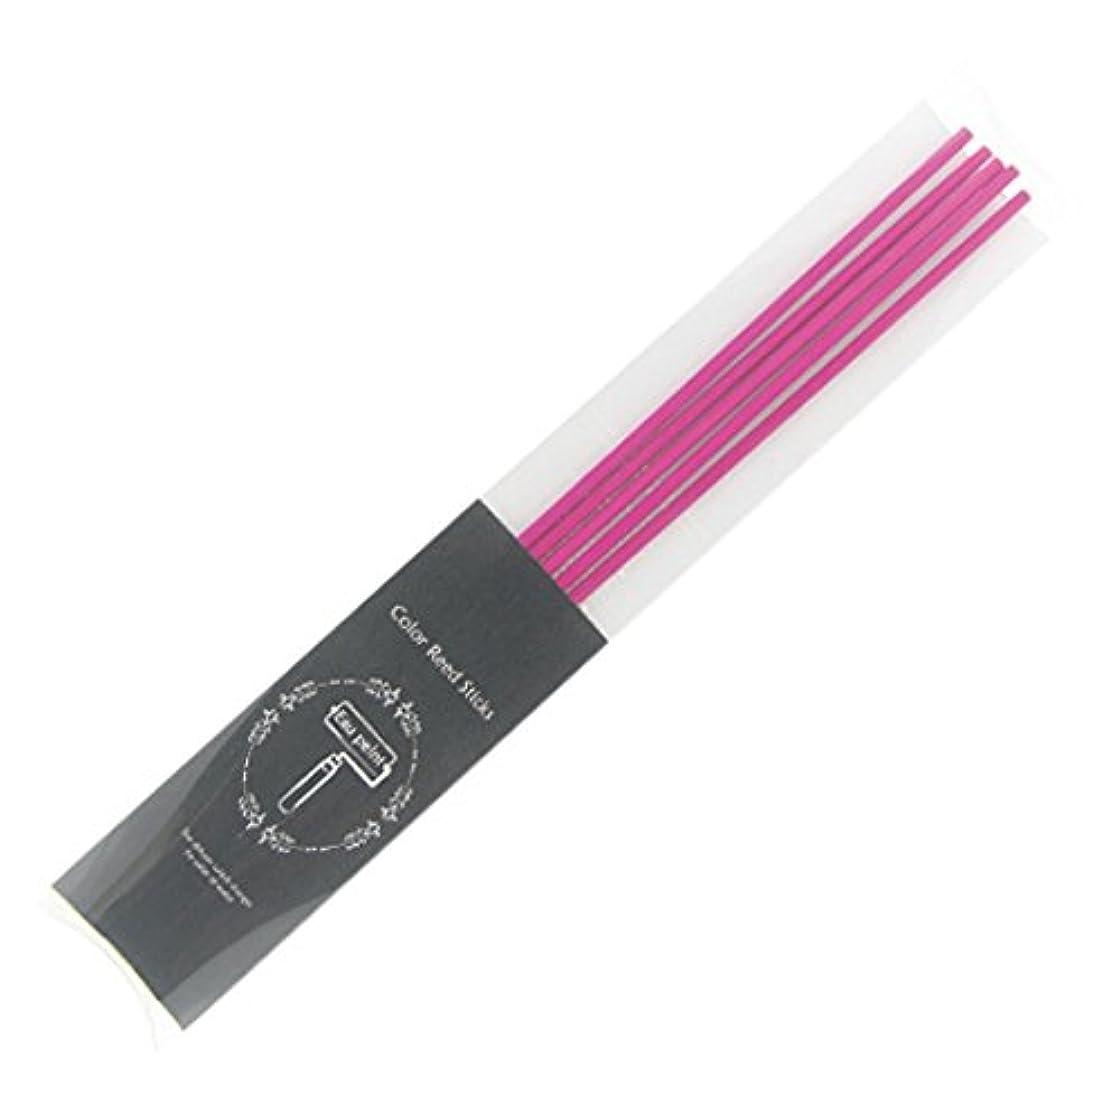 ピアニスト神秘牧草地Eau peint mais+ カラースティック リードディフューザー用スティック 5本入 ピンク Pink オーペイント マイス